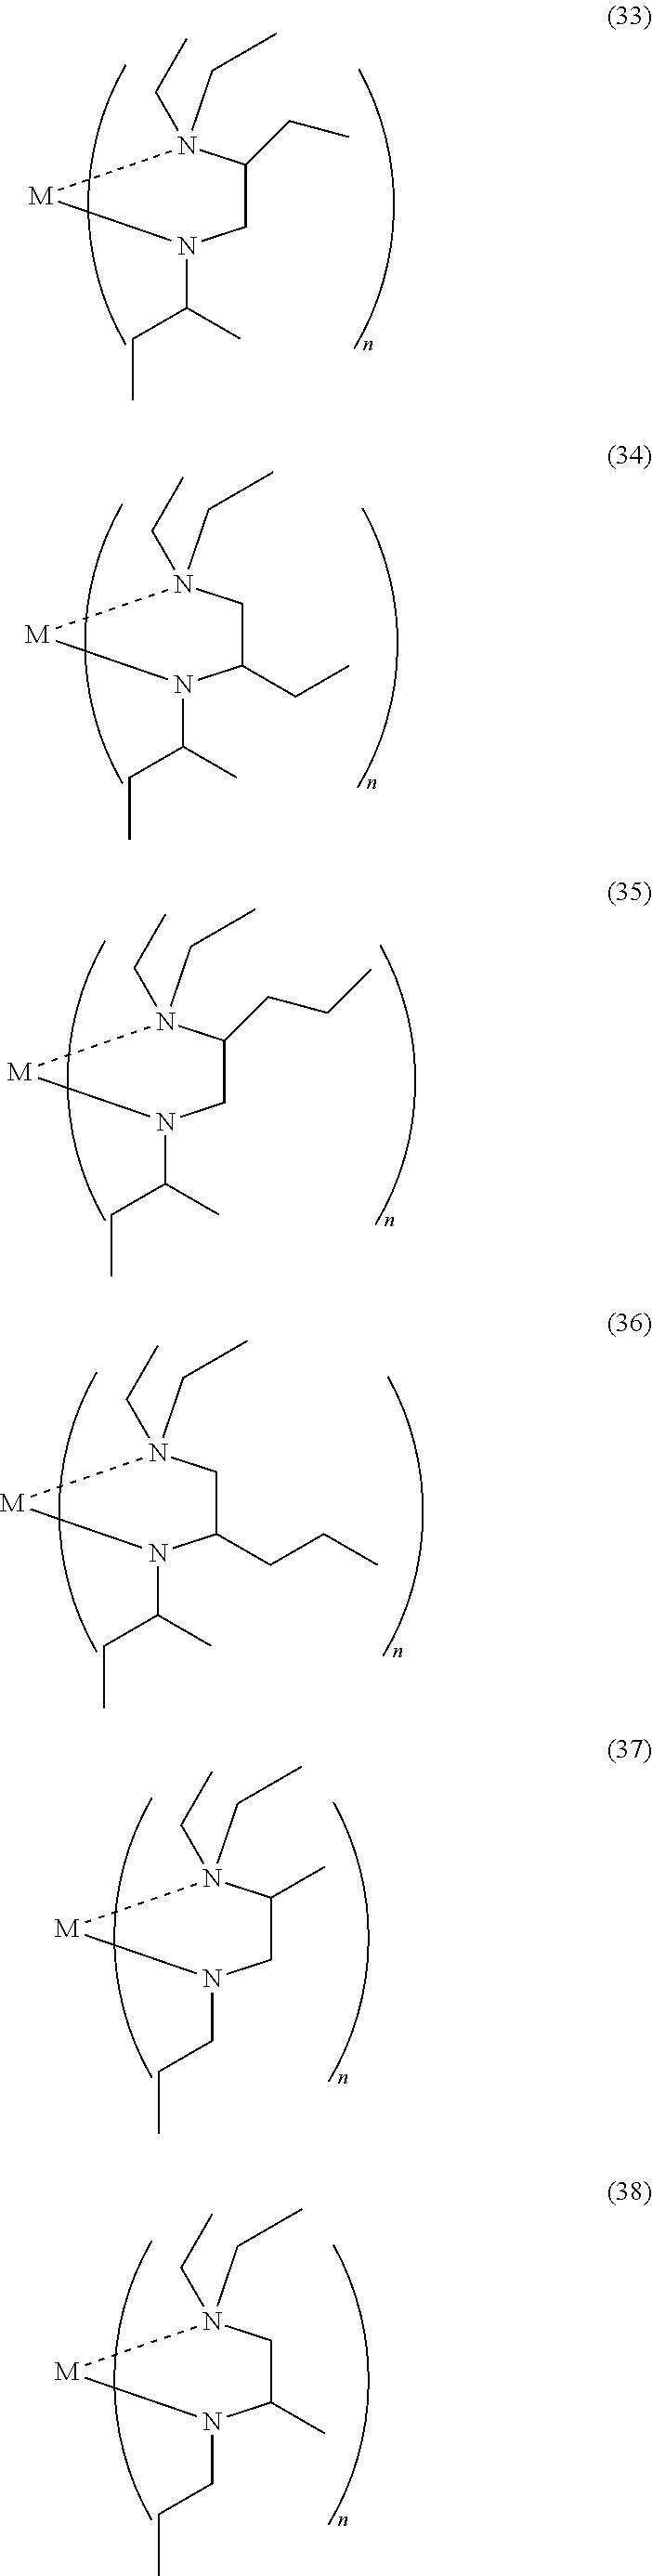 Figure US08871304-20141028-C00018